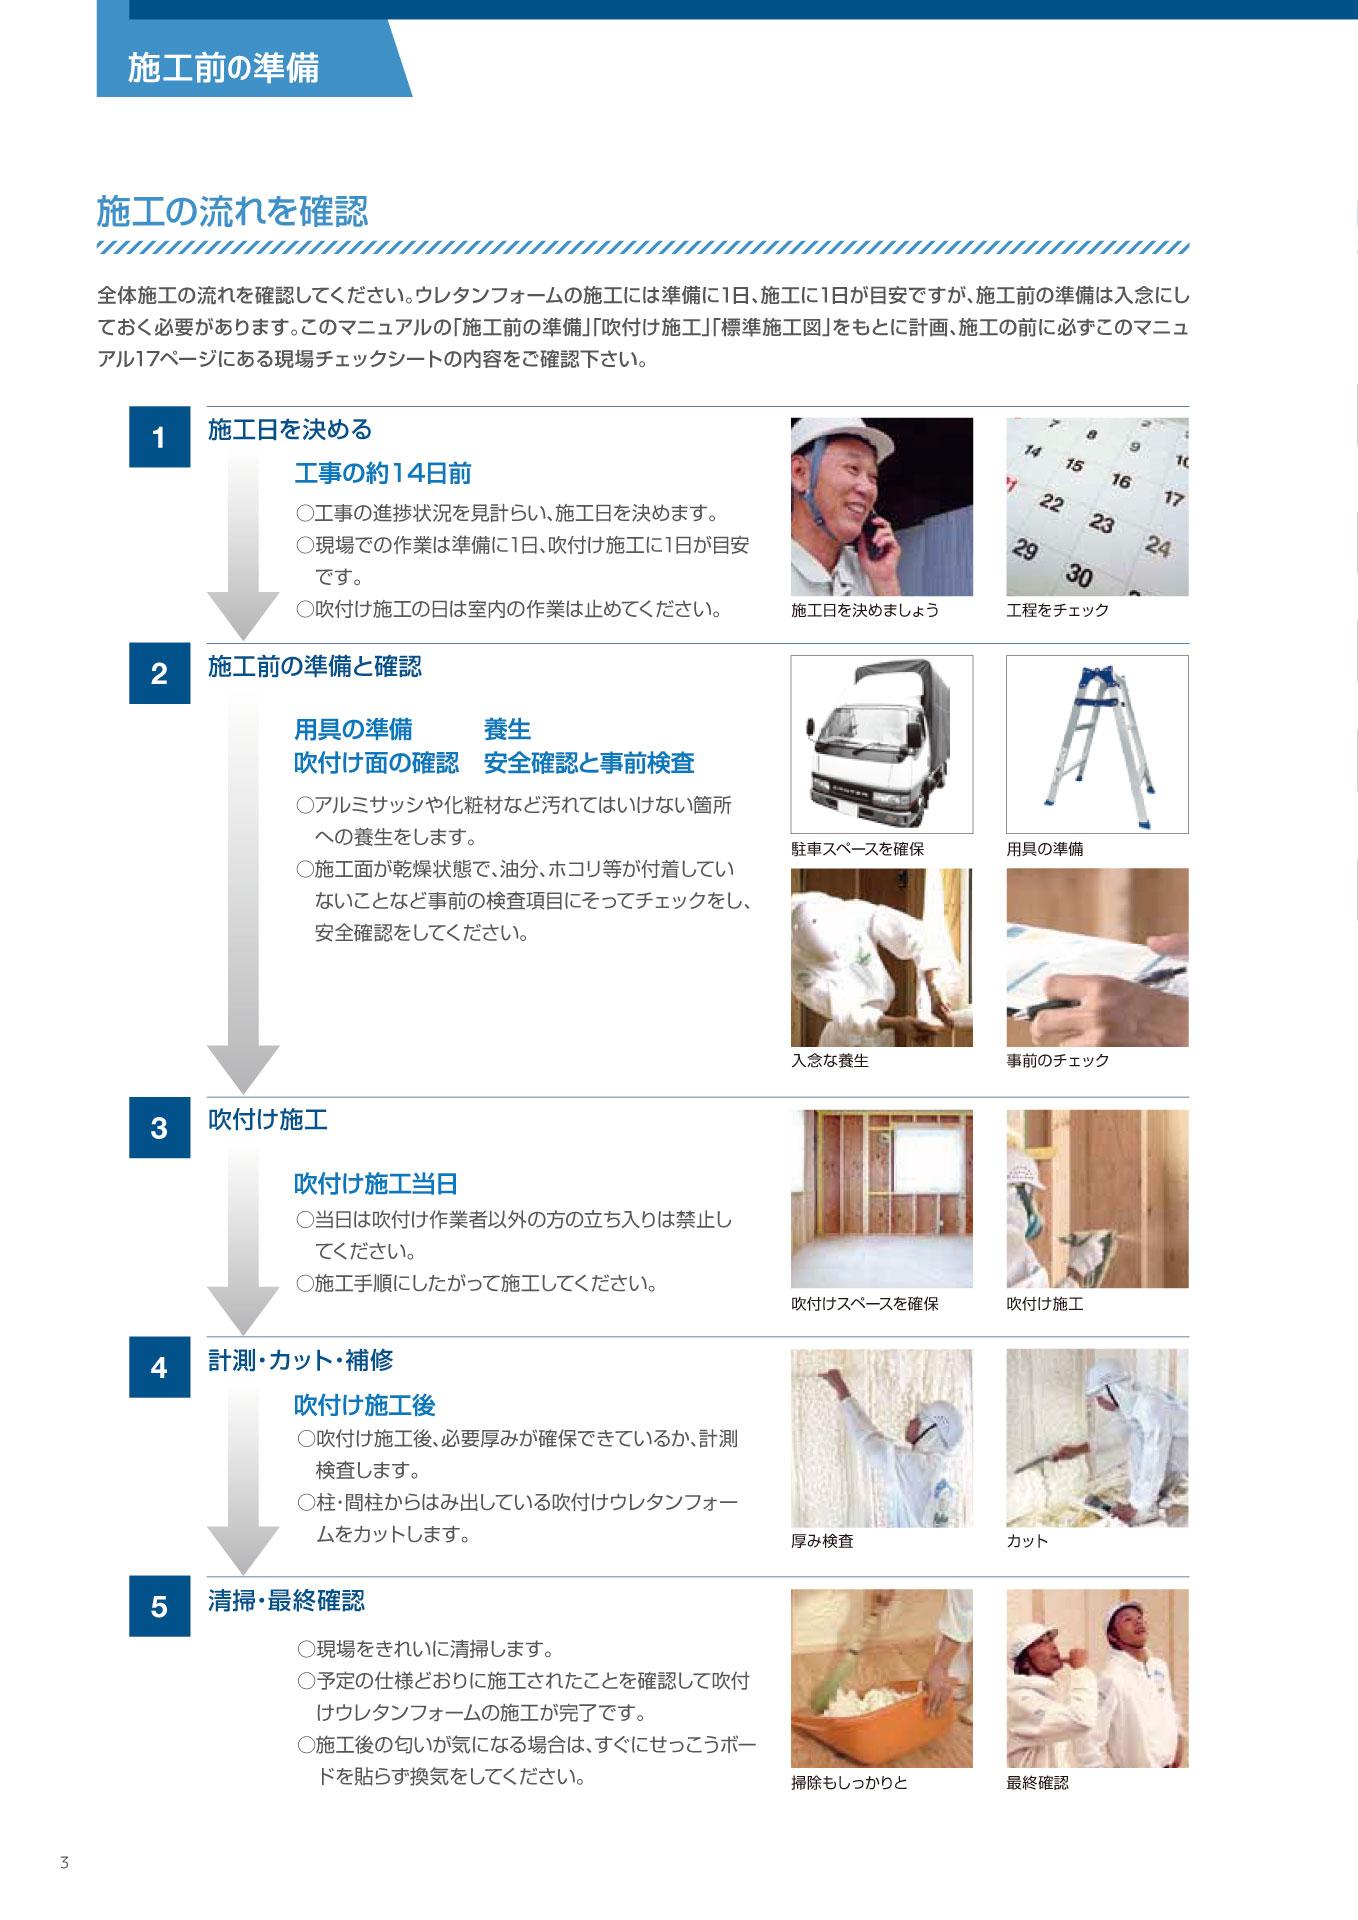 木造住宅用施工マニュアルP3